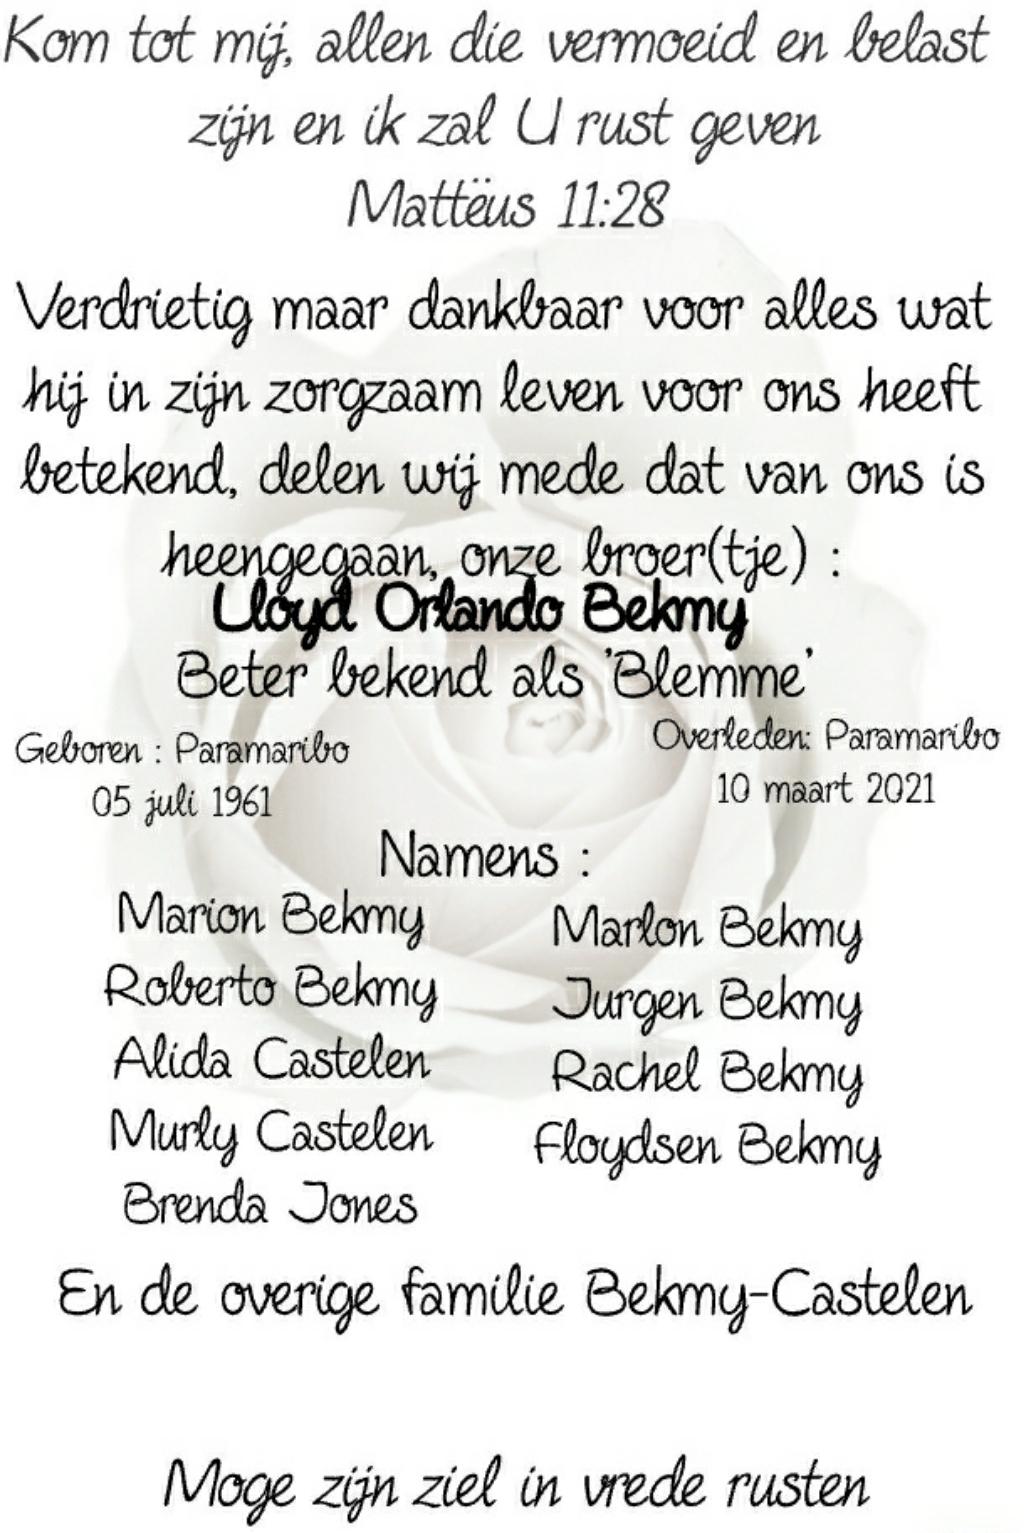 Lloyd Orlando Bekmy